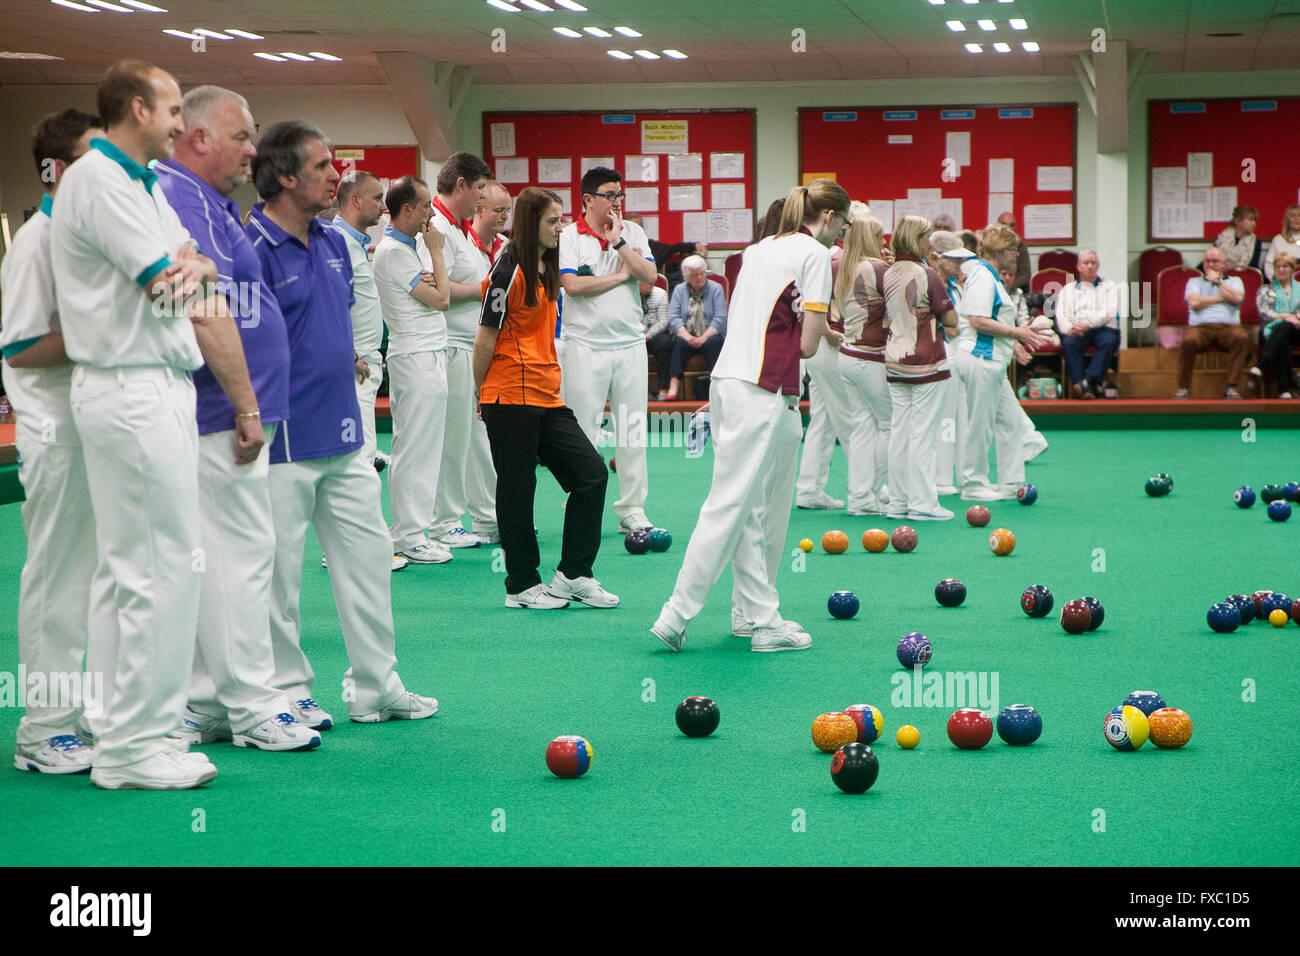 Blackburn district amateur bowling association, amateur wives on nude beach video